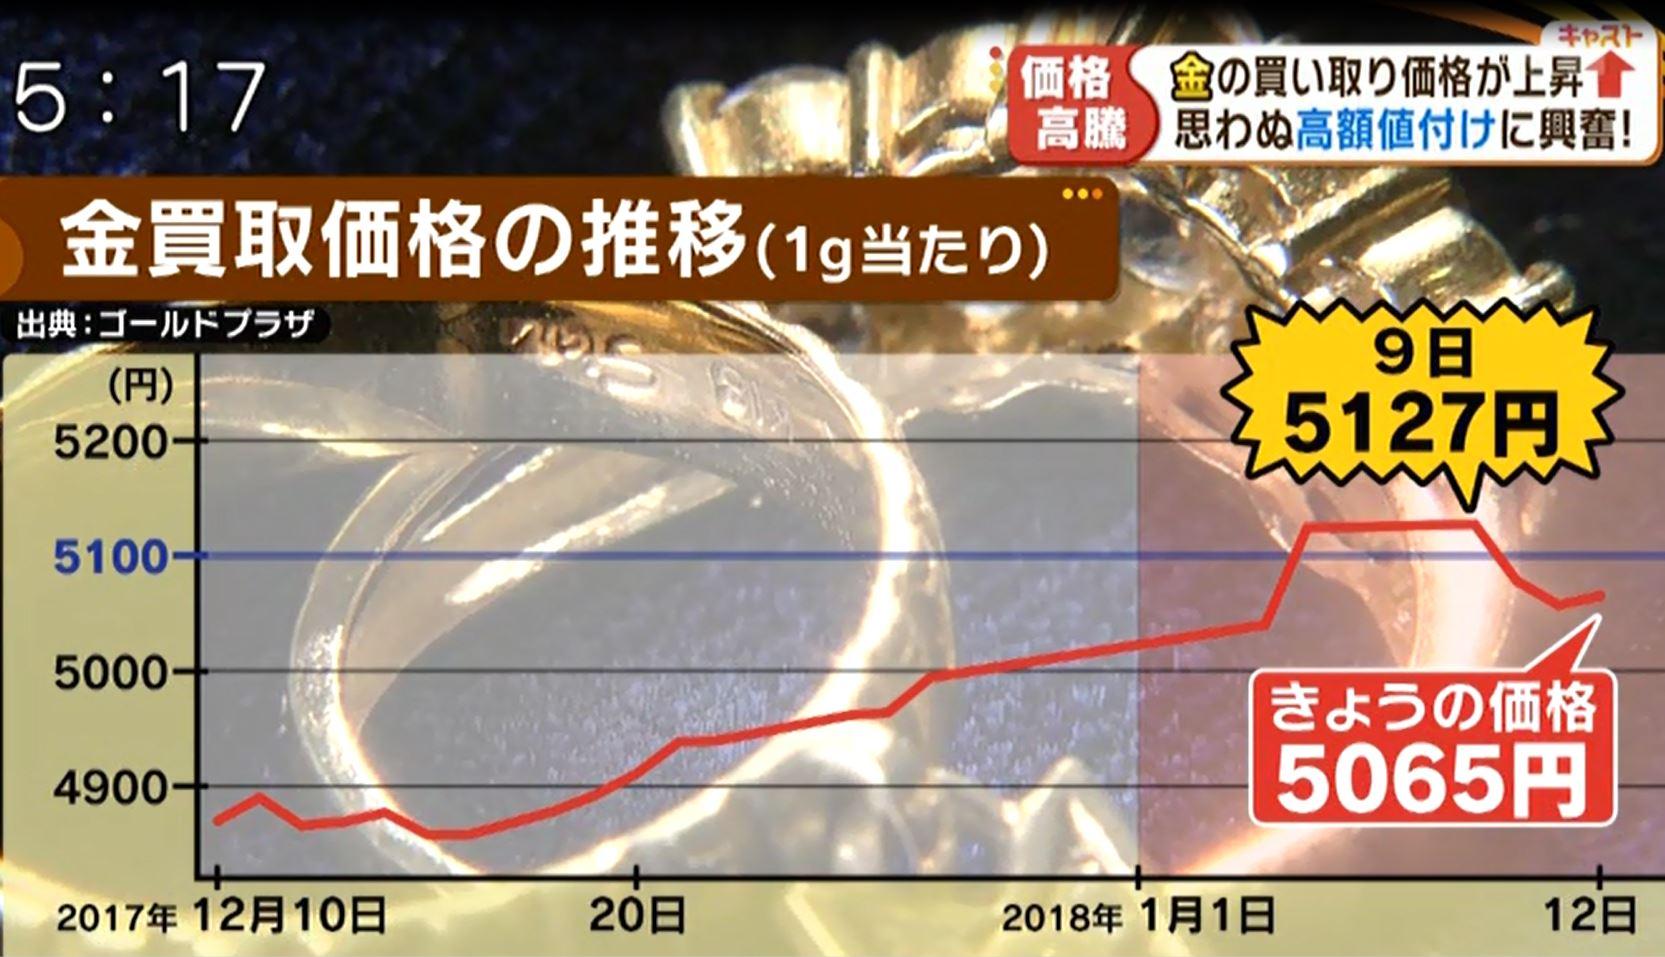 ゴールドプラザ梅田本店がキャストで放映されました。